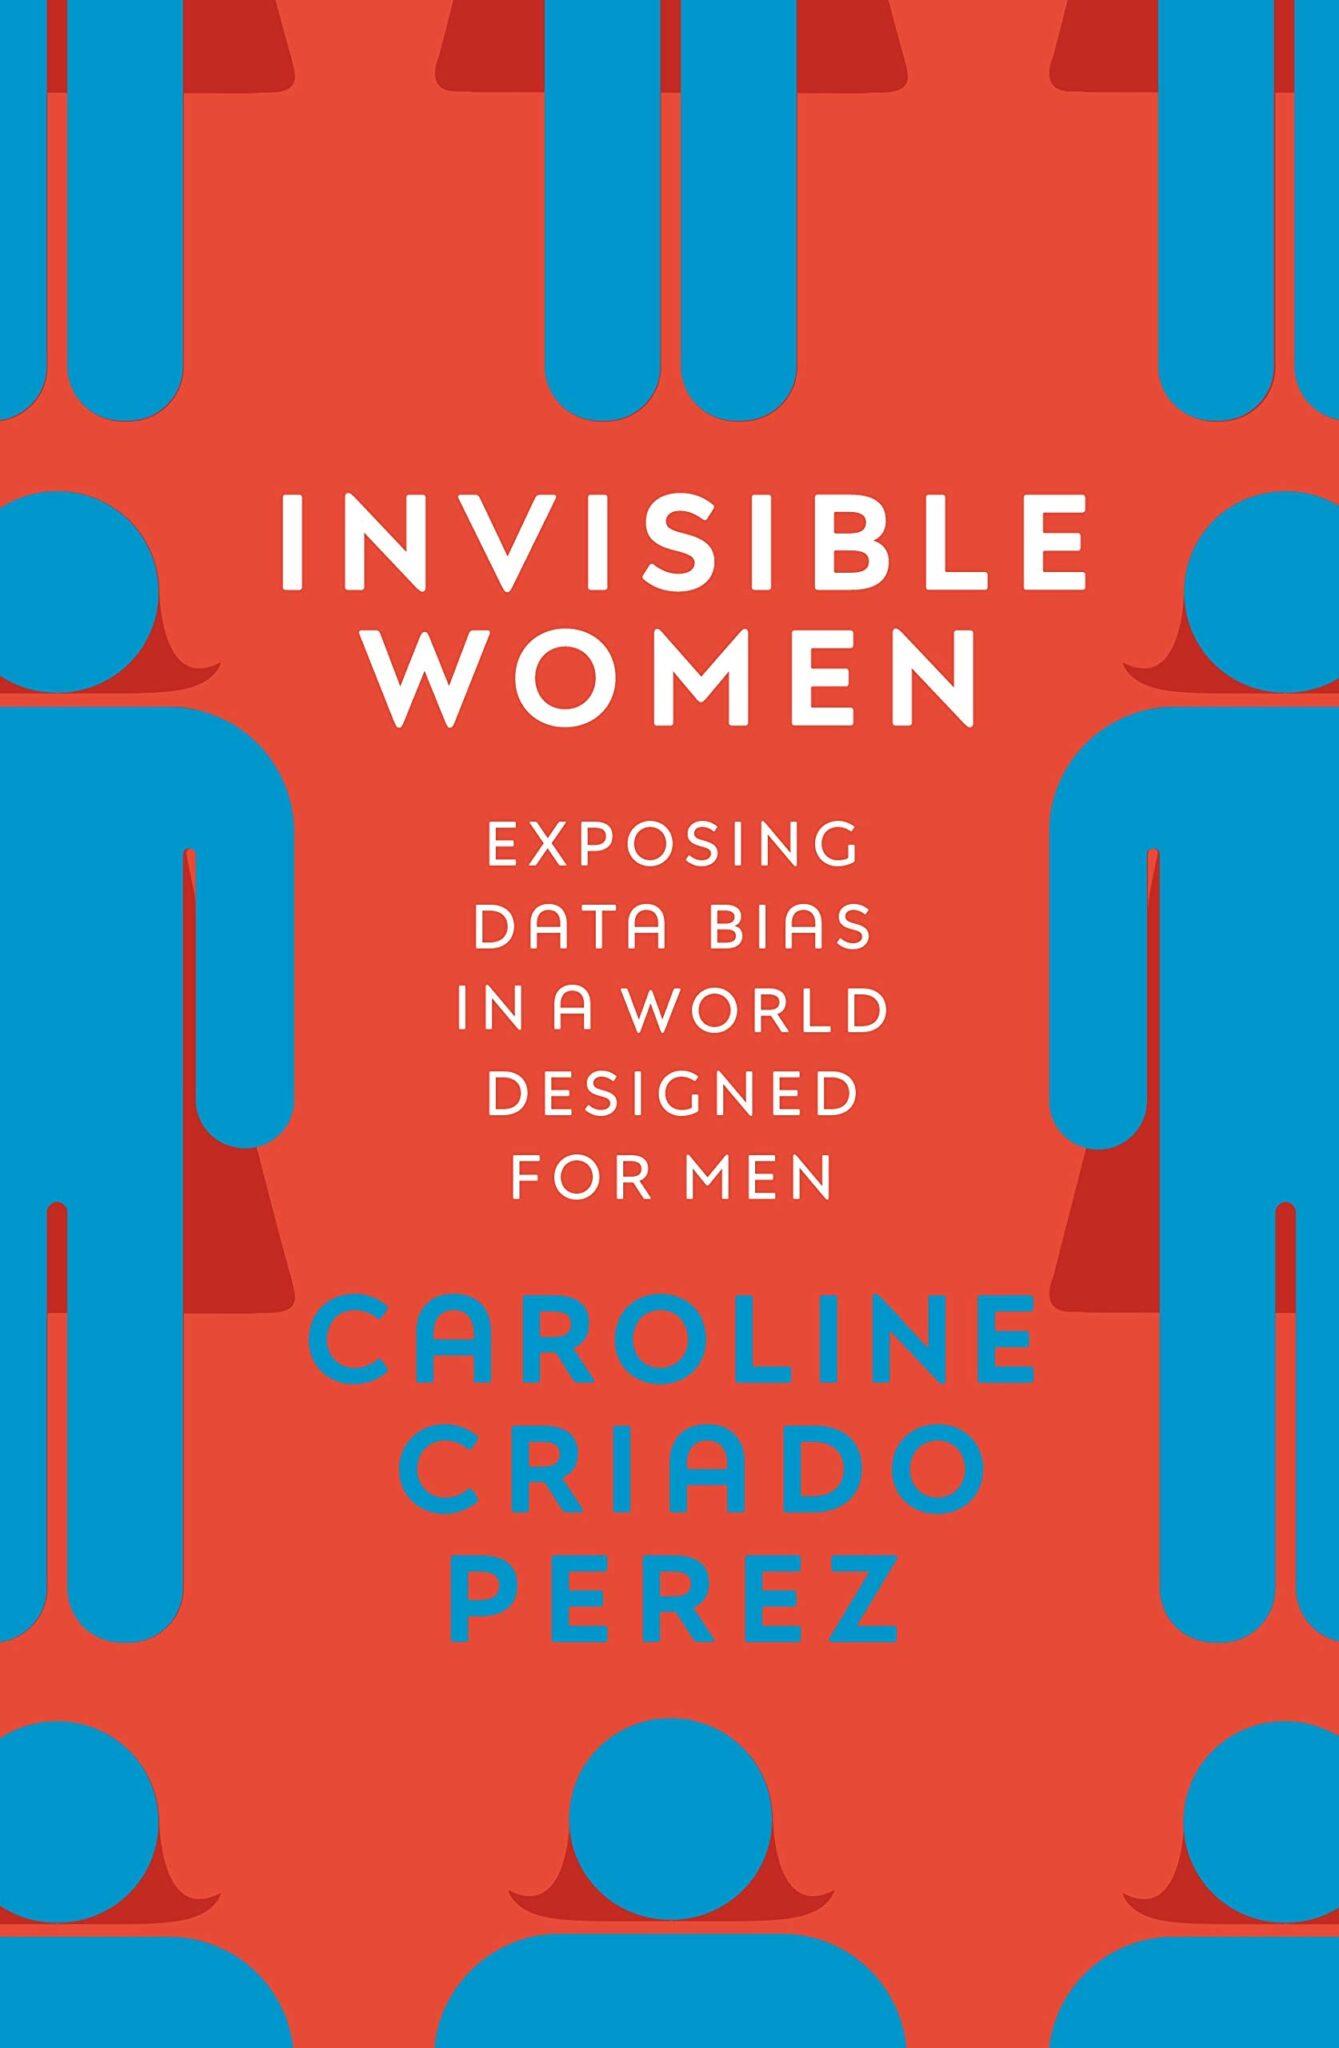 Invisible Women caroline criado perez uk cover